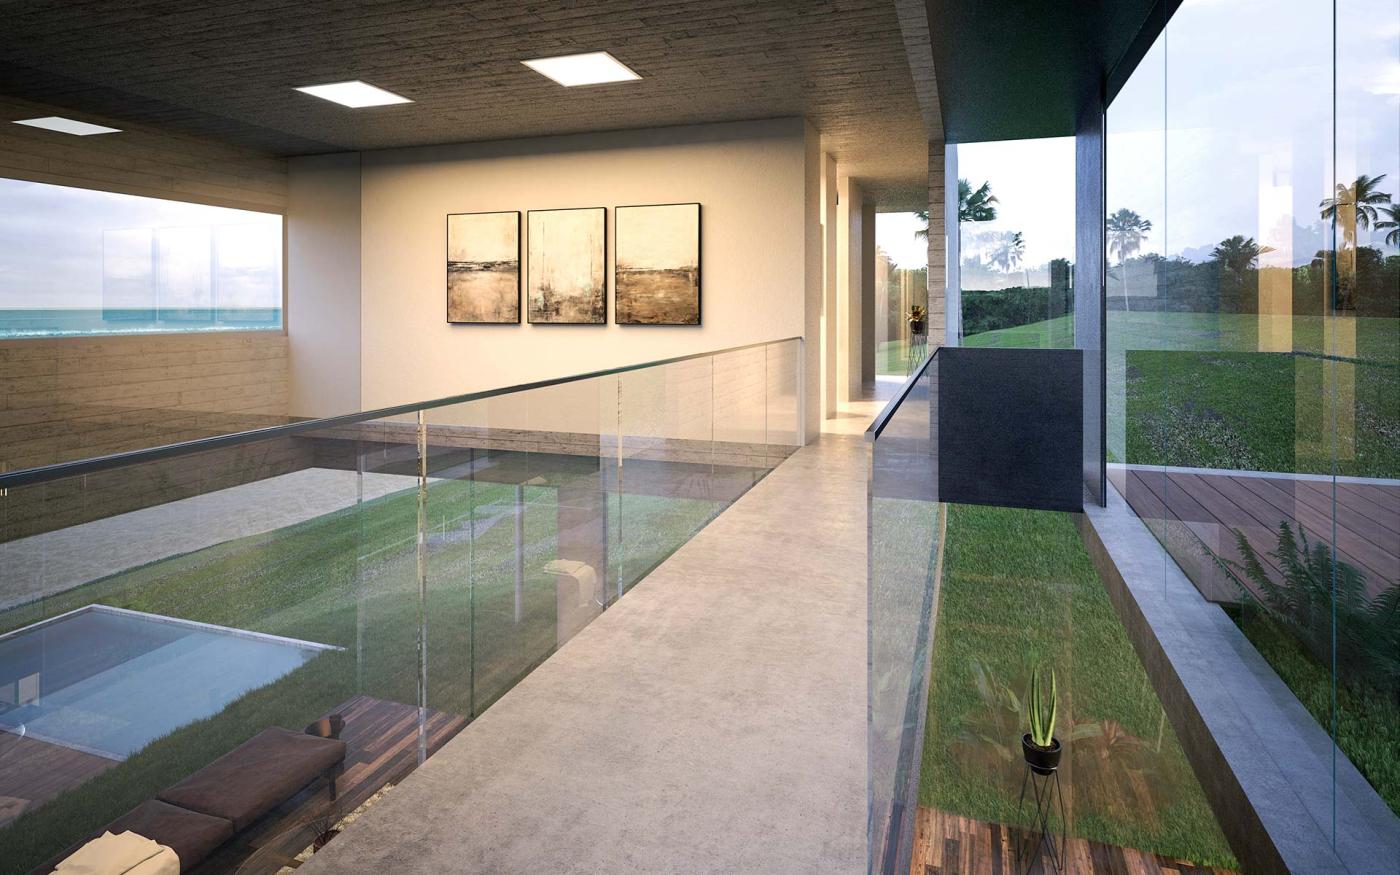 Casa grnt vivienda en hormig n visto najmias oficina de for Casa minimalista vidrio